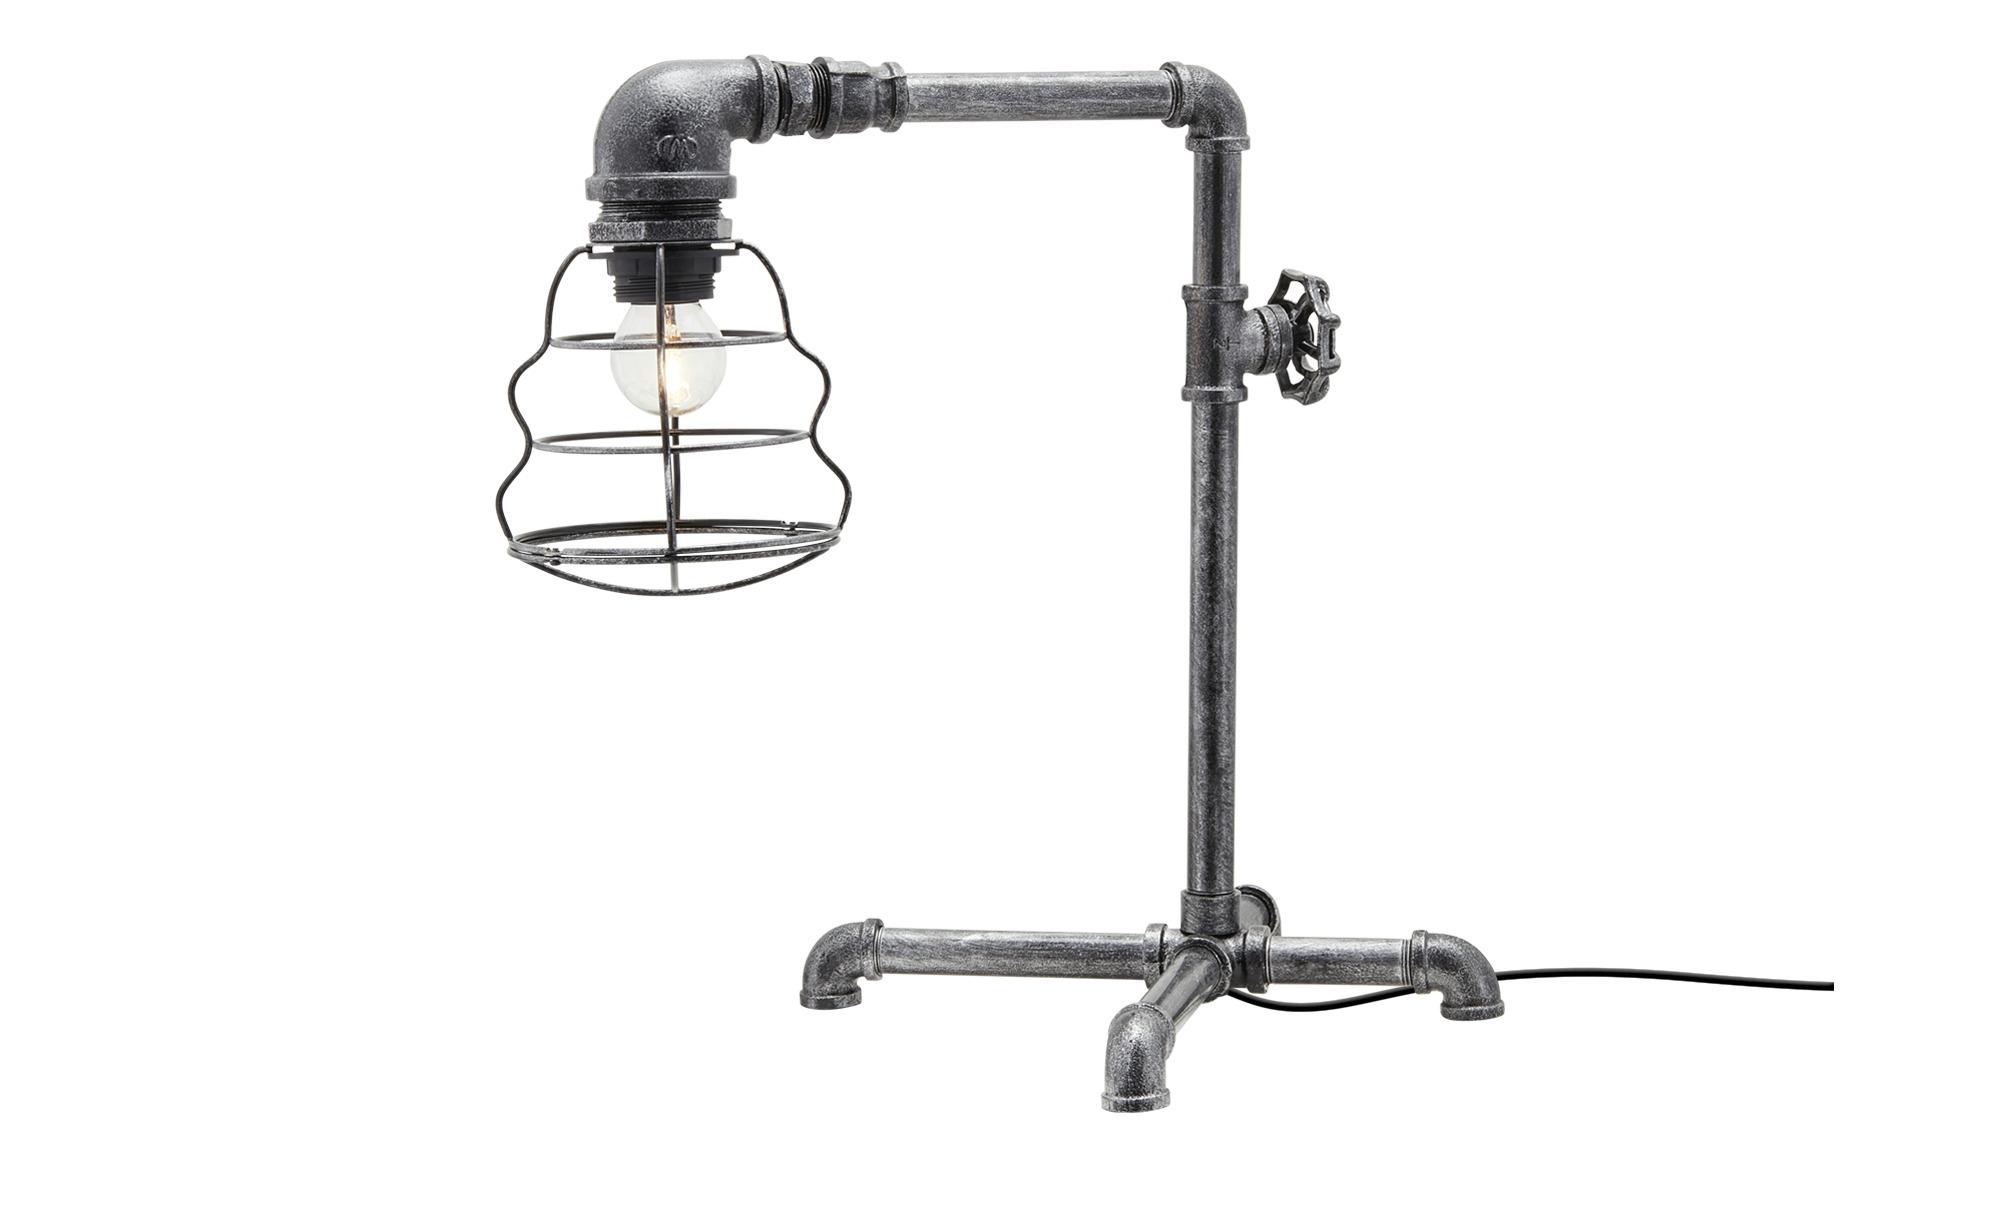 Trio Tischleuchte, 1-flammig, im Industrie-Look ¦ silber ¦ Maße (cm): H: 40 Lampen & Leuchten > Innenleuchten > Tischlampen - Höffner